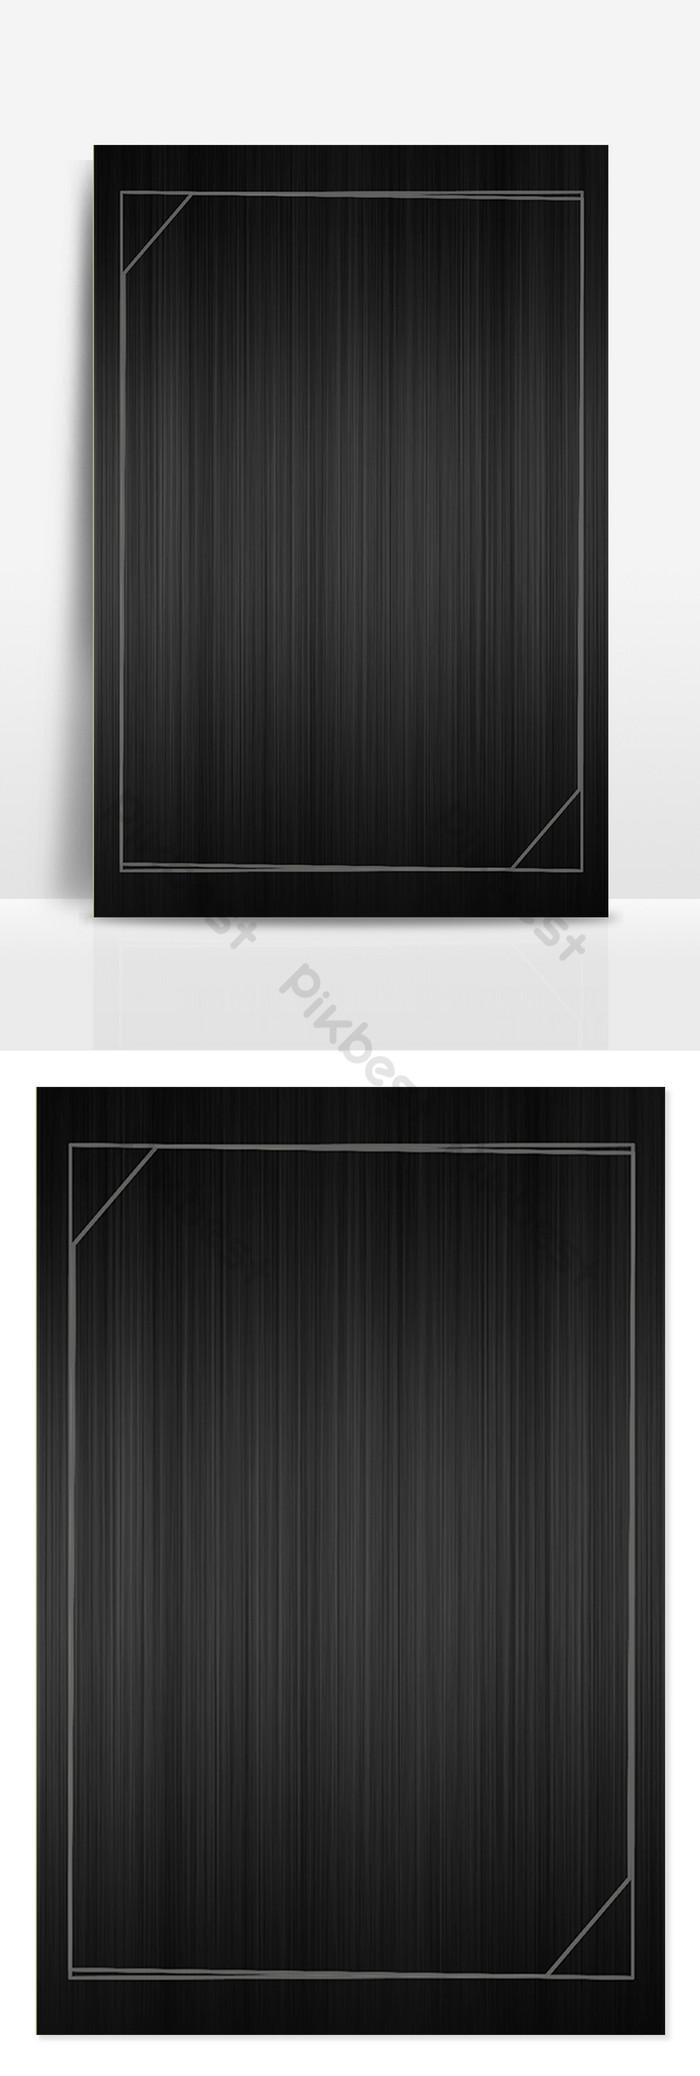 黑色光澤金屬肌理質感背景素材| PSD 背景素材免費下載 - Pikbest